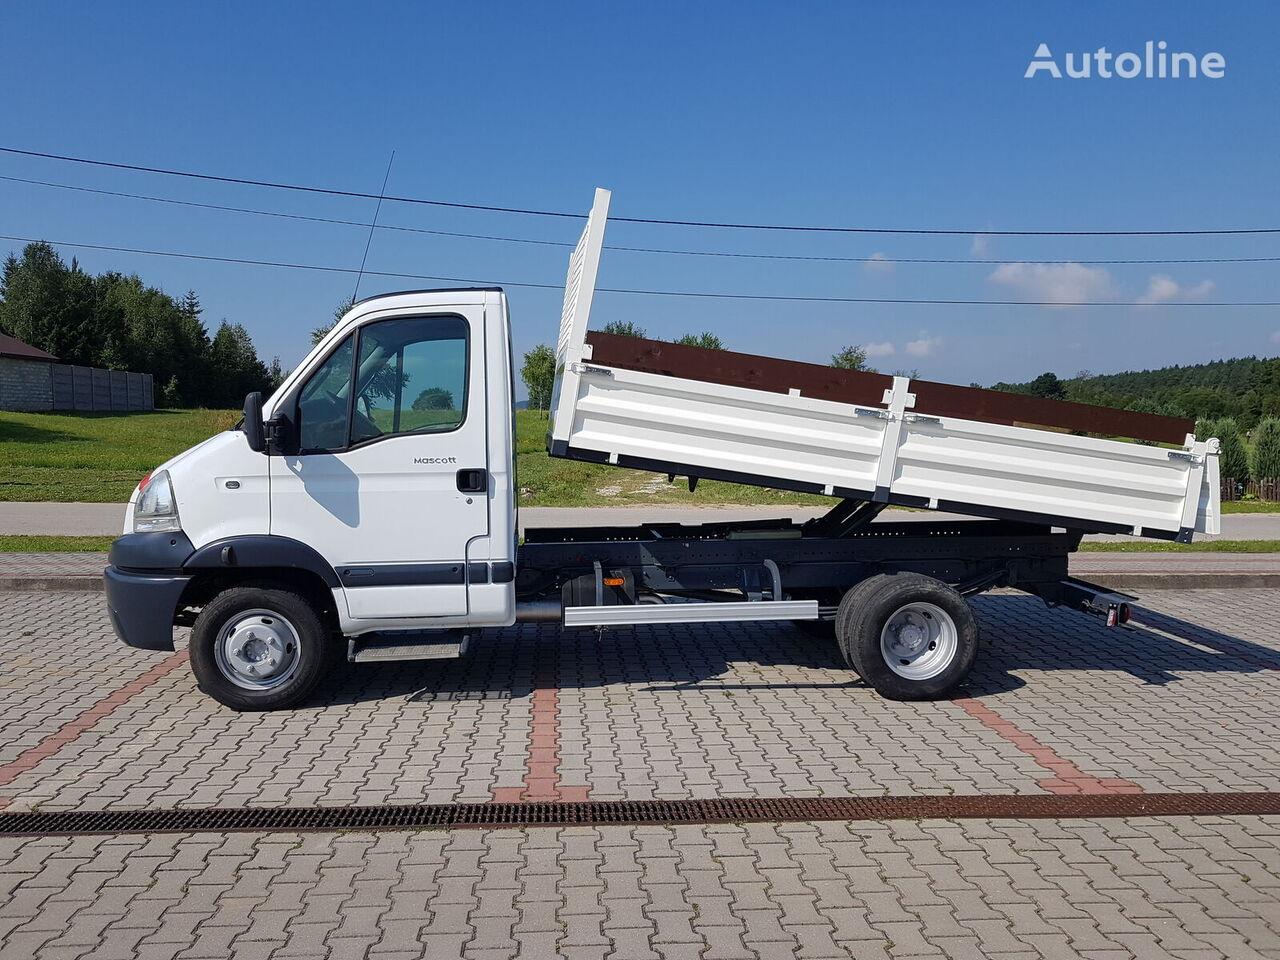 RENAULT Mascott 150dxi 3.0 Kipper EURO 4 / 6,5t. dump truck